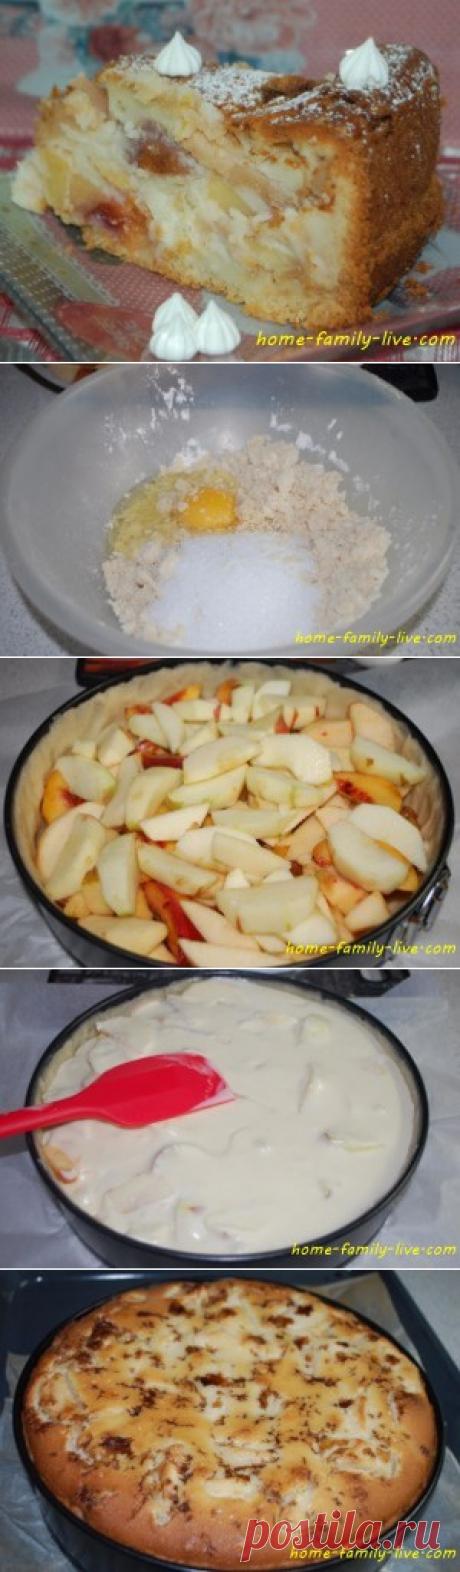 Венский пирог/Сайт с пошаговыми рецептами с фото для тех кто любит готовить